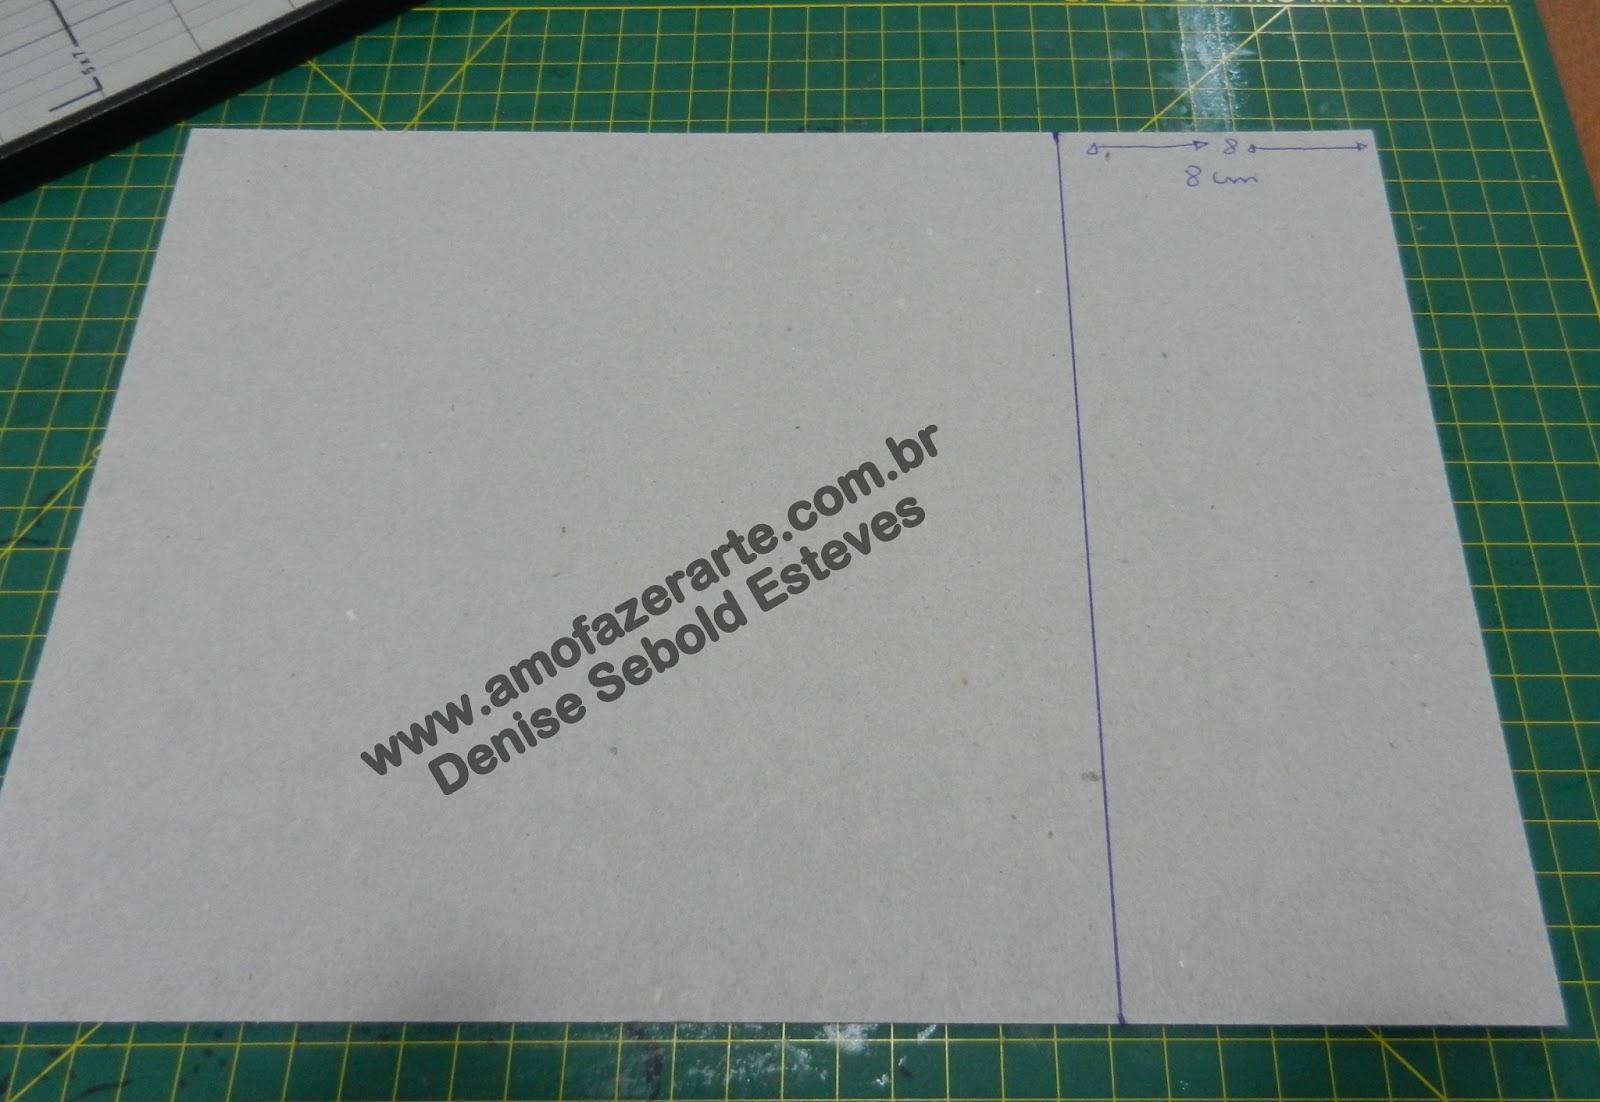 Bolsa De Mao Em Cartonagem Passo A Passo : Gata bacana passo a bolsa clutch em cartonagem